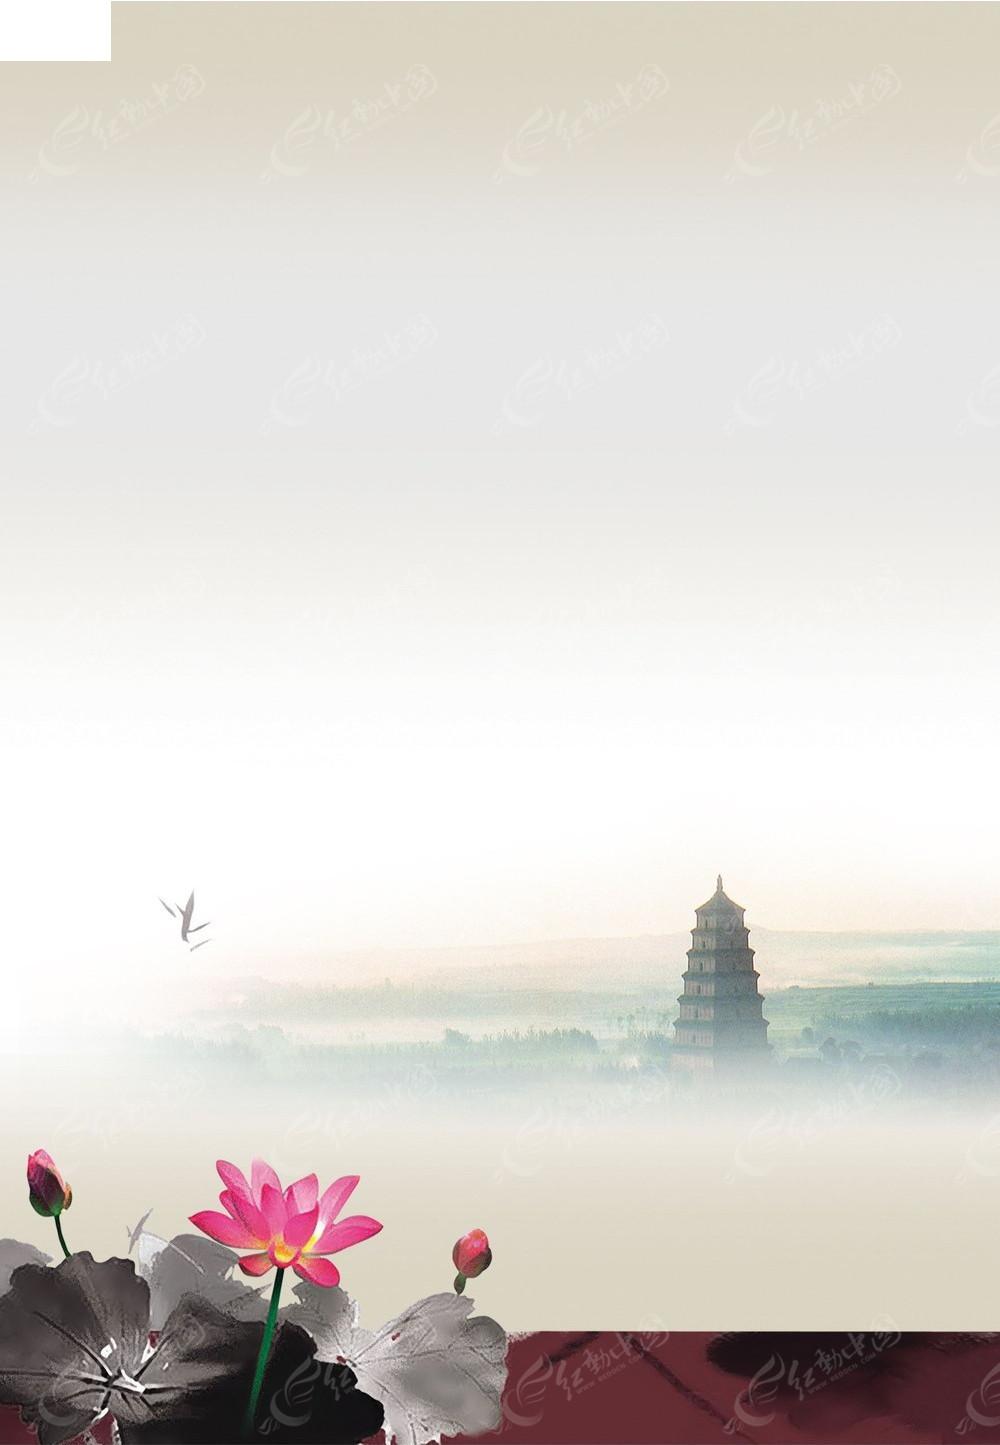 风_中国风淡雅水墨海报模板